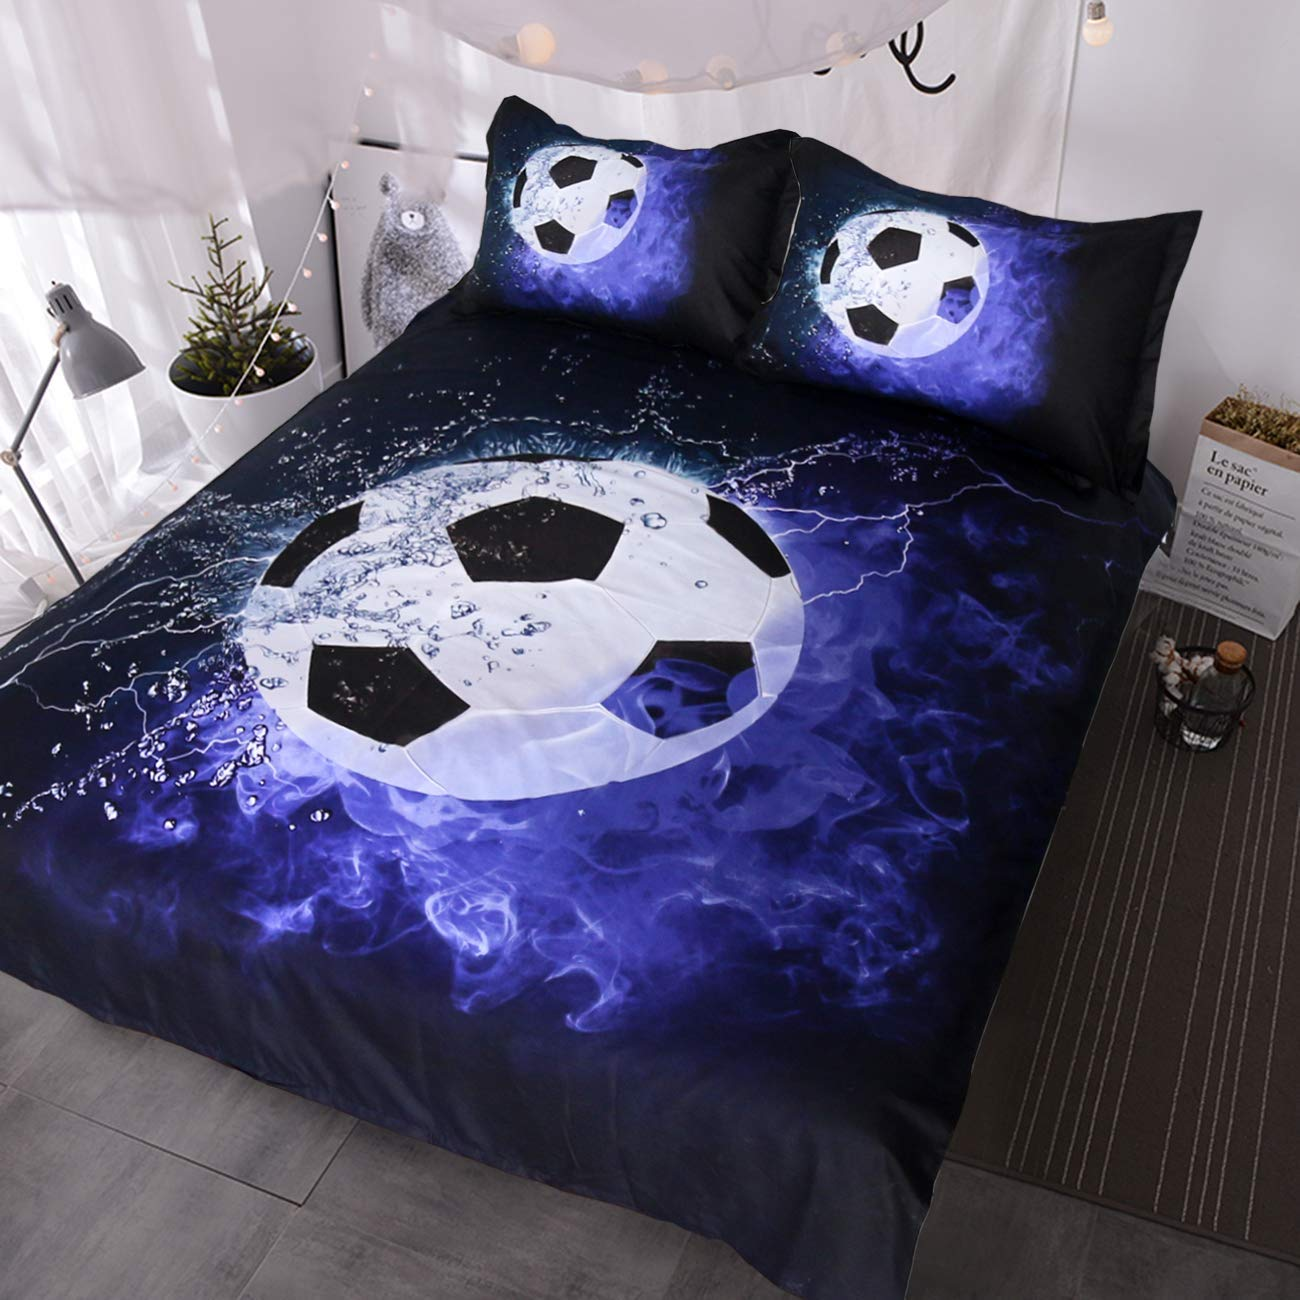 BlessLiving 3D Soccer Ball Bedding Blue Flames Teen Boys Sports Duvet Cover 3 Piece Dark Navy Blue Comforter Cover Set (Full)